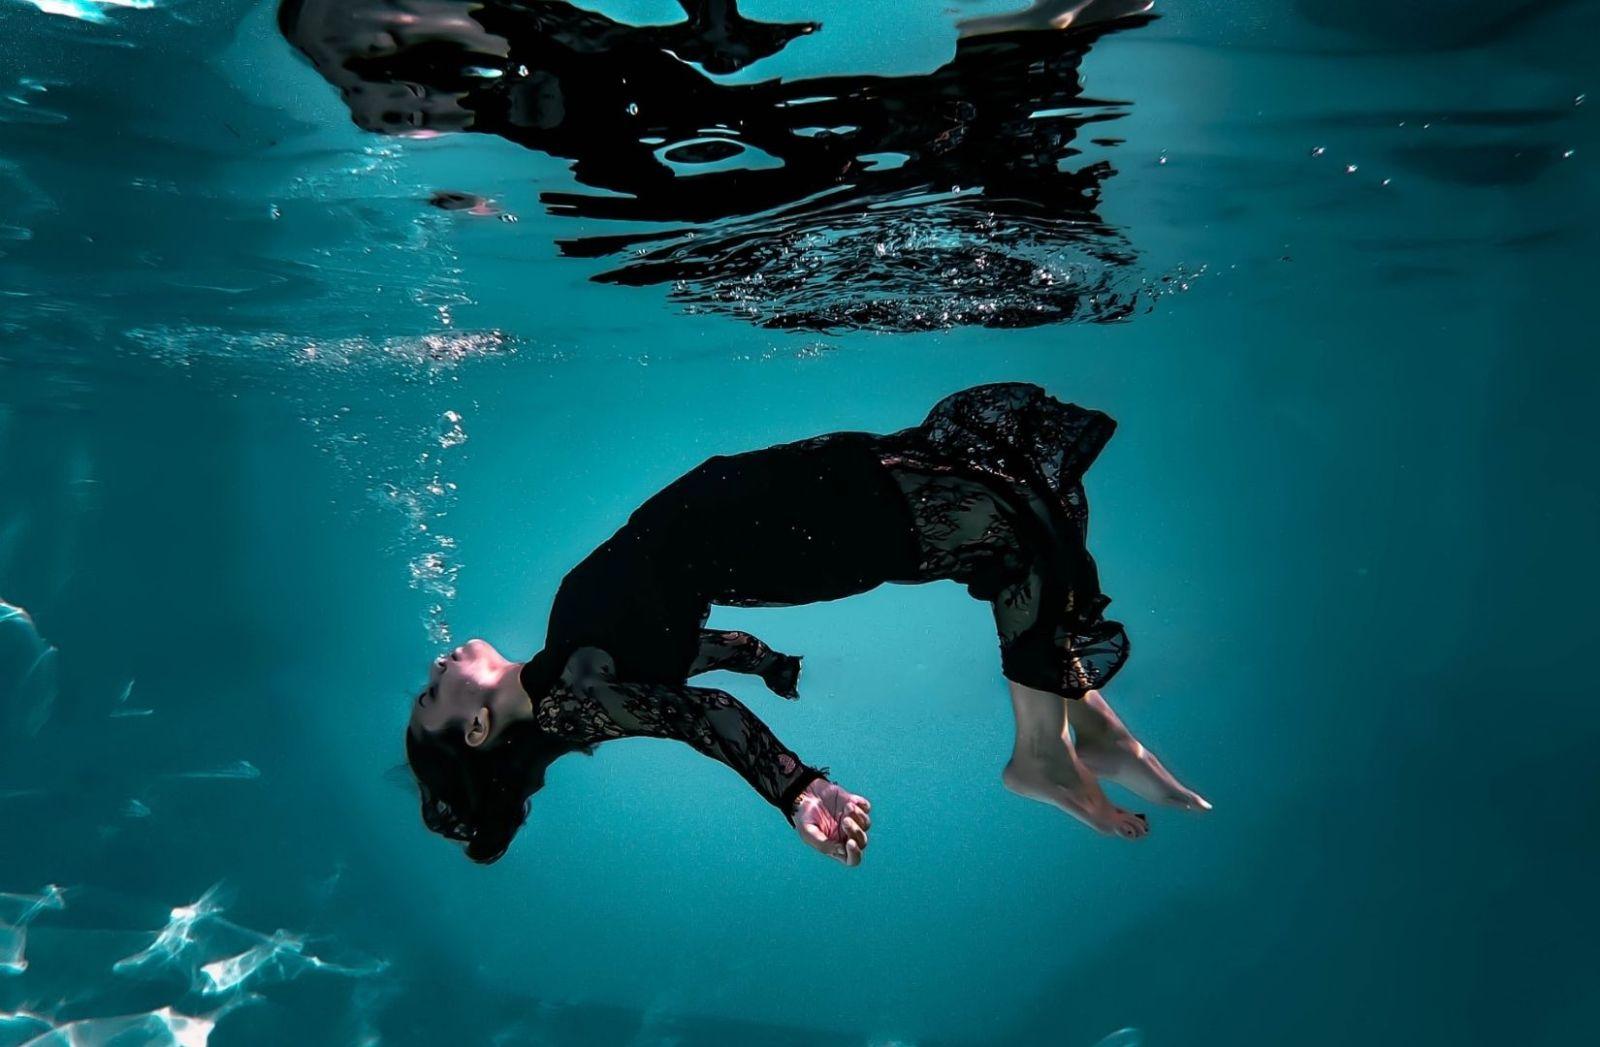 Das kalte Herz steht als Symbol für Spott und Verachtung. (Foto: Francesca Zama, Unsplash.com)